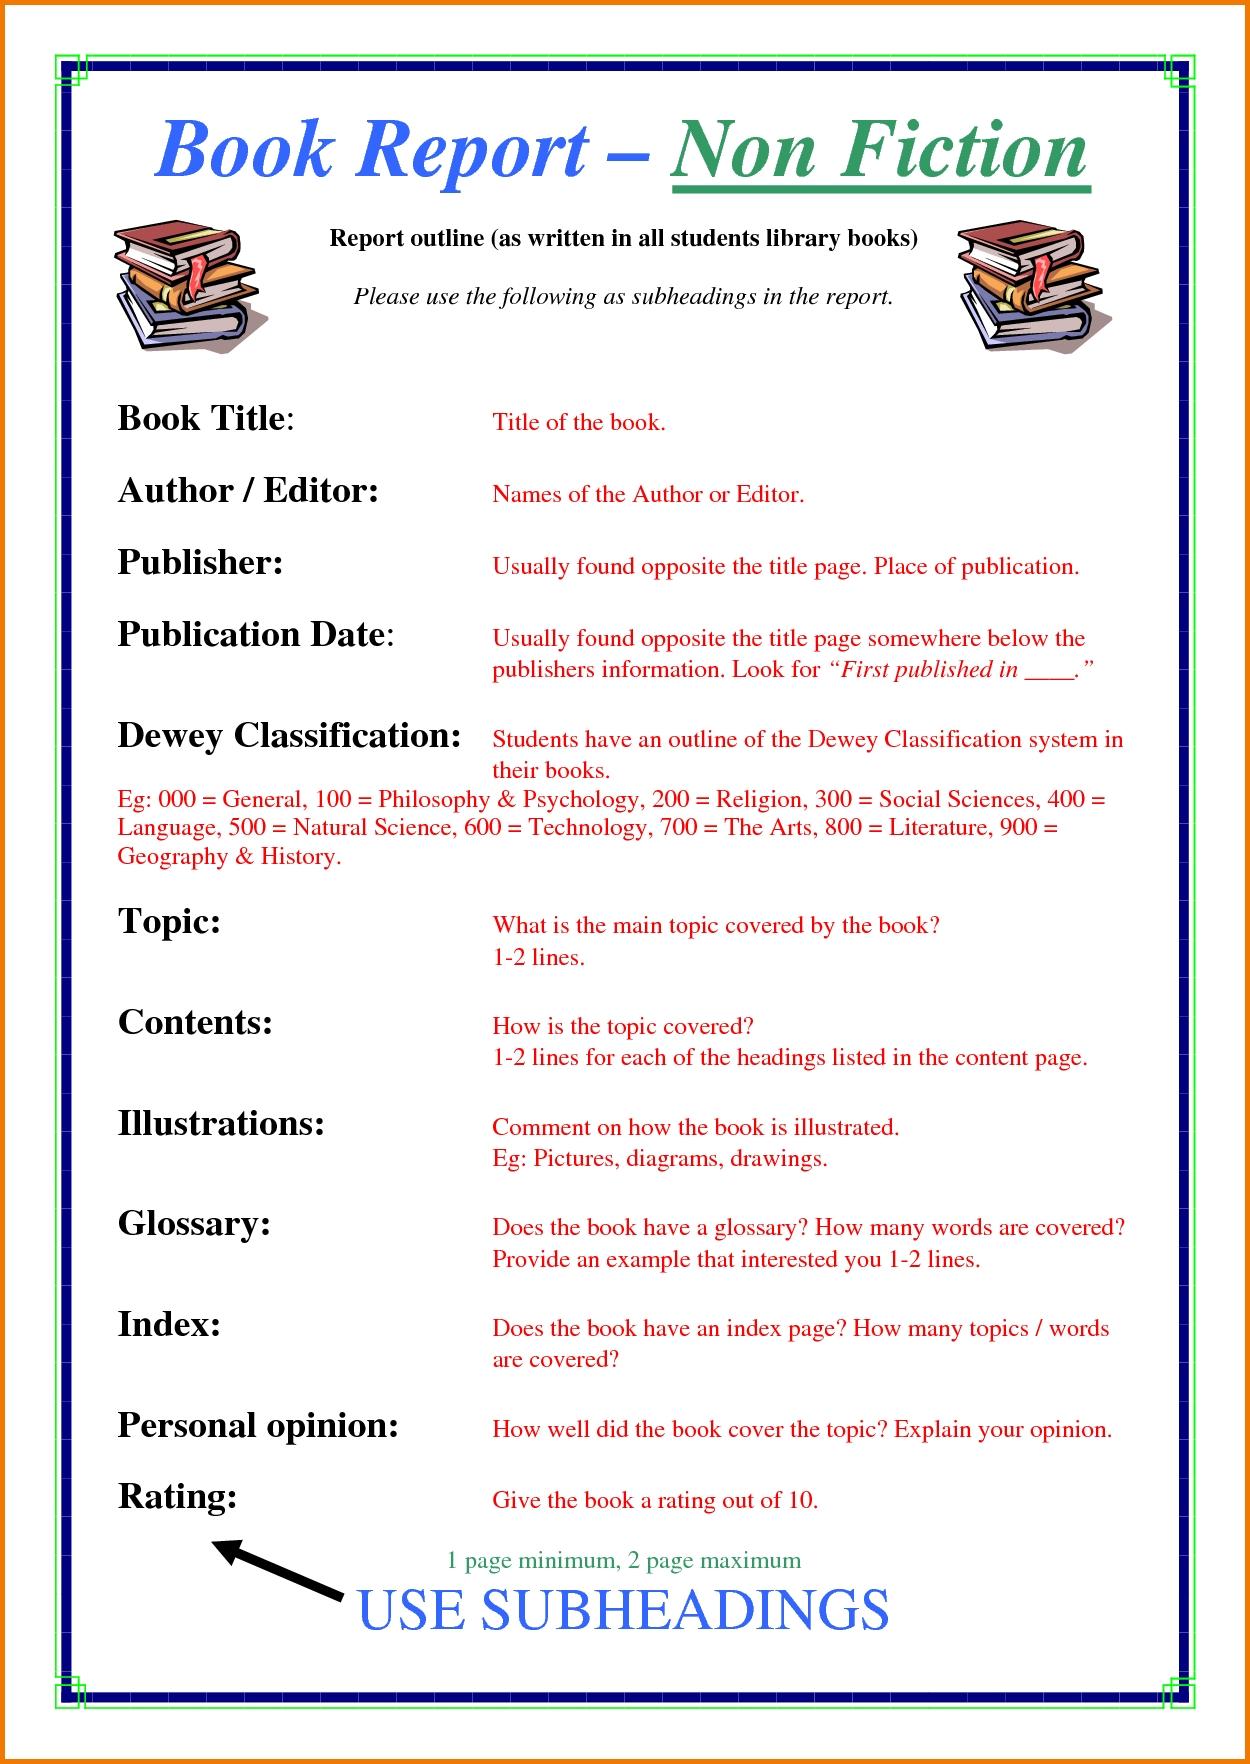 10 Trendy Non Fiction Book Report Ideas fair 8th grade nonfiction book report about non fiction book report 2021